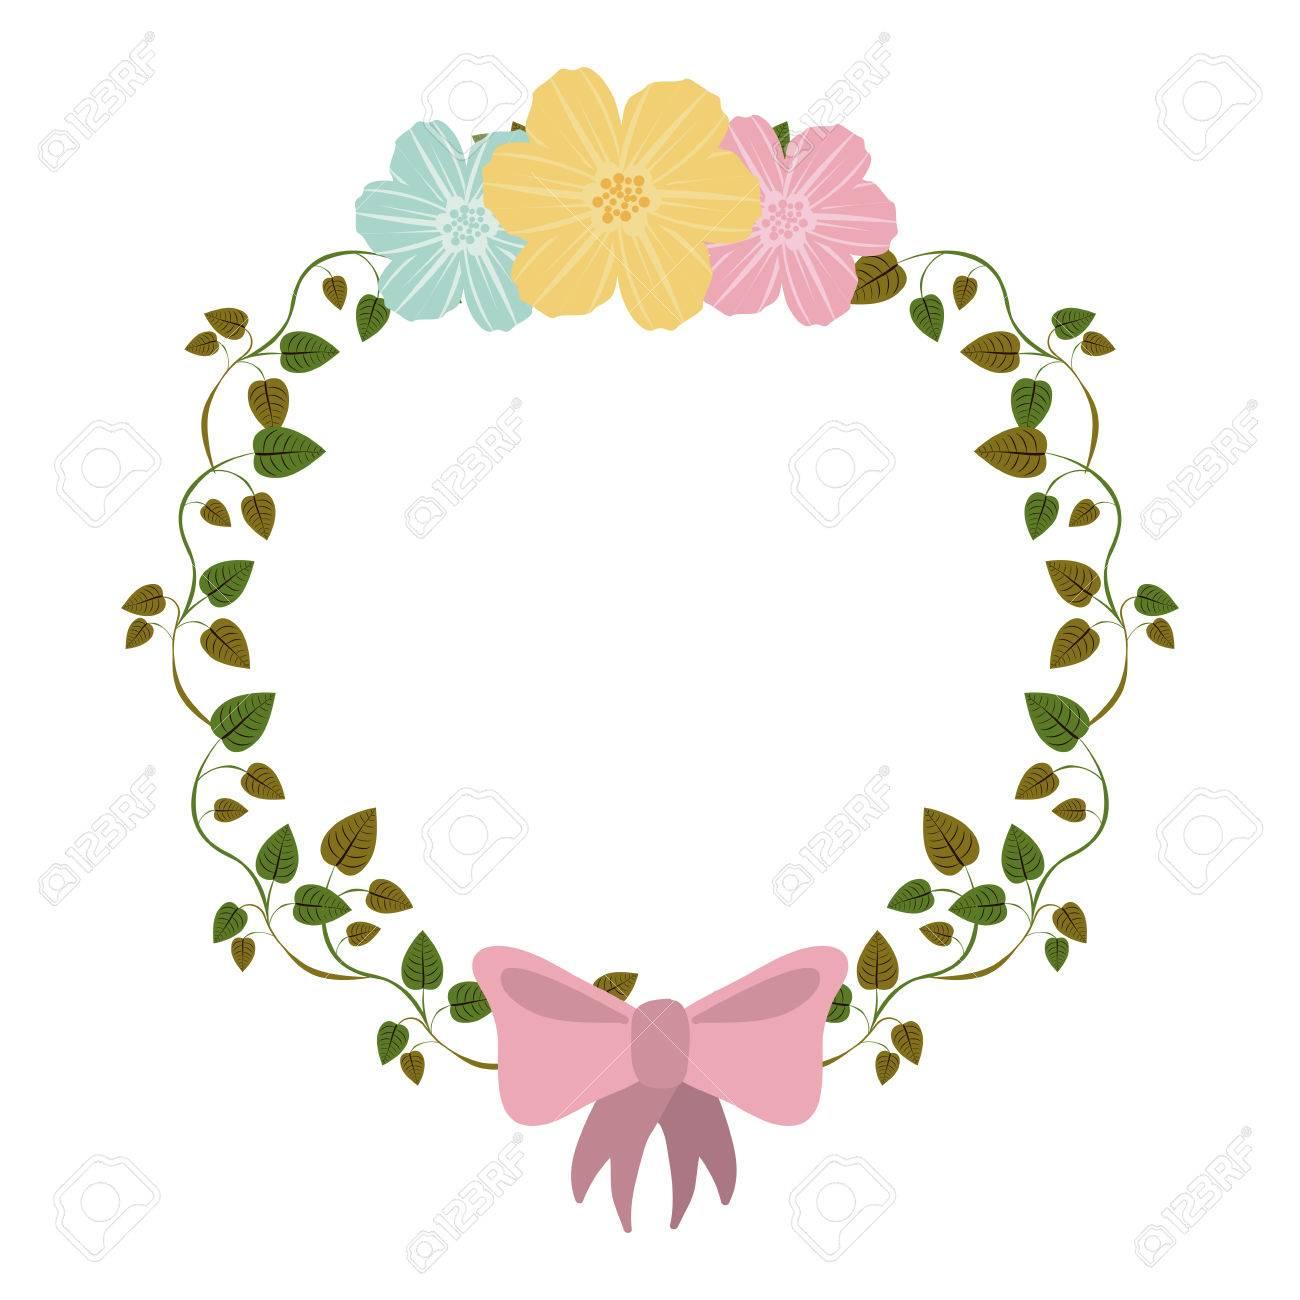 Colorido Ornamento Enredaderas Con Flores Y La Ilustración Vectorial